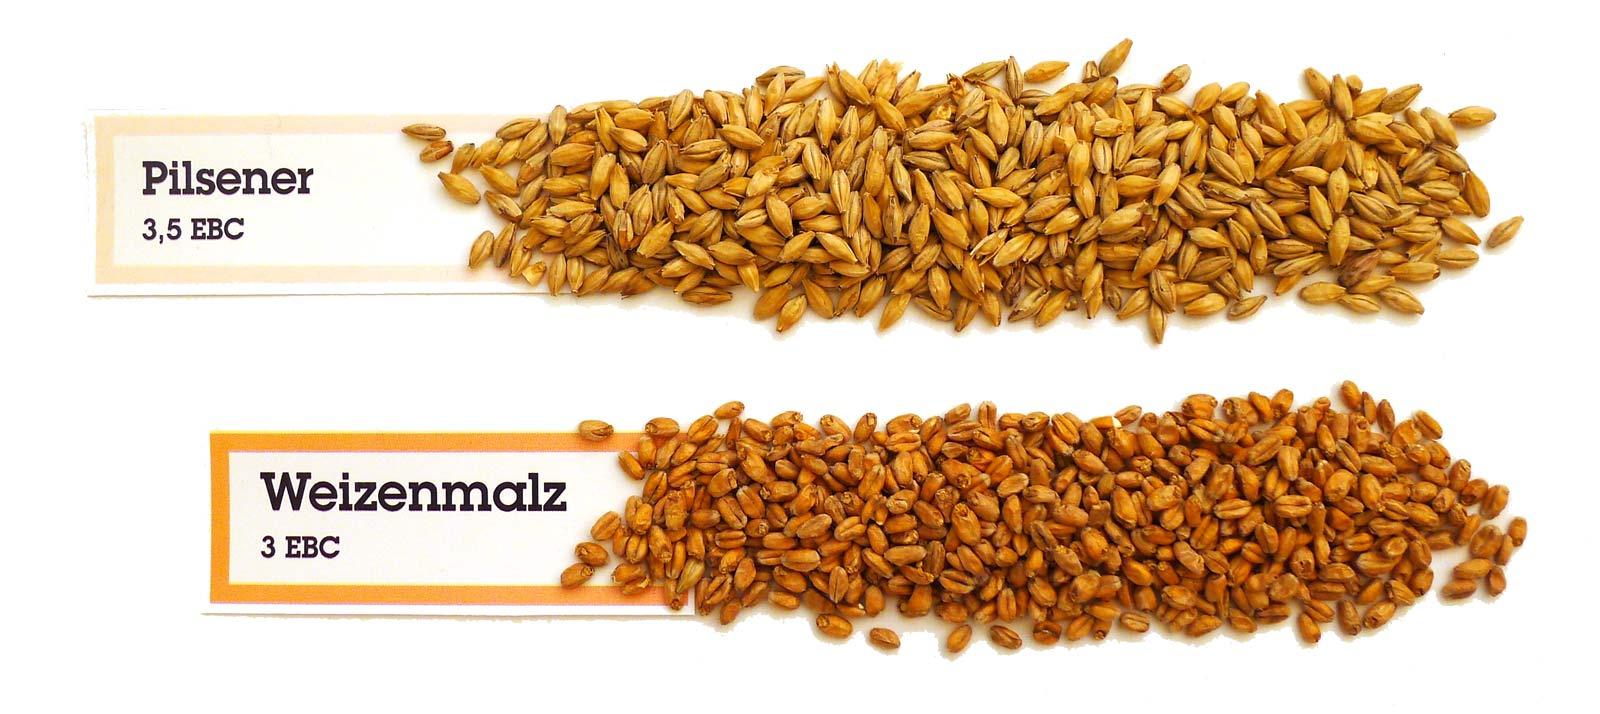 Malzkörner der Sorten Pilsener Malz und Weizenmalz